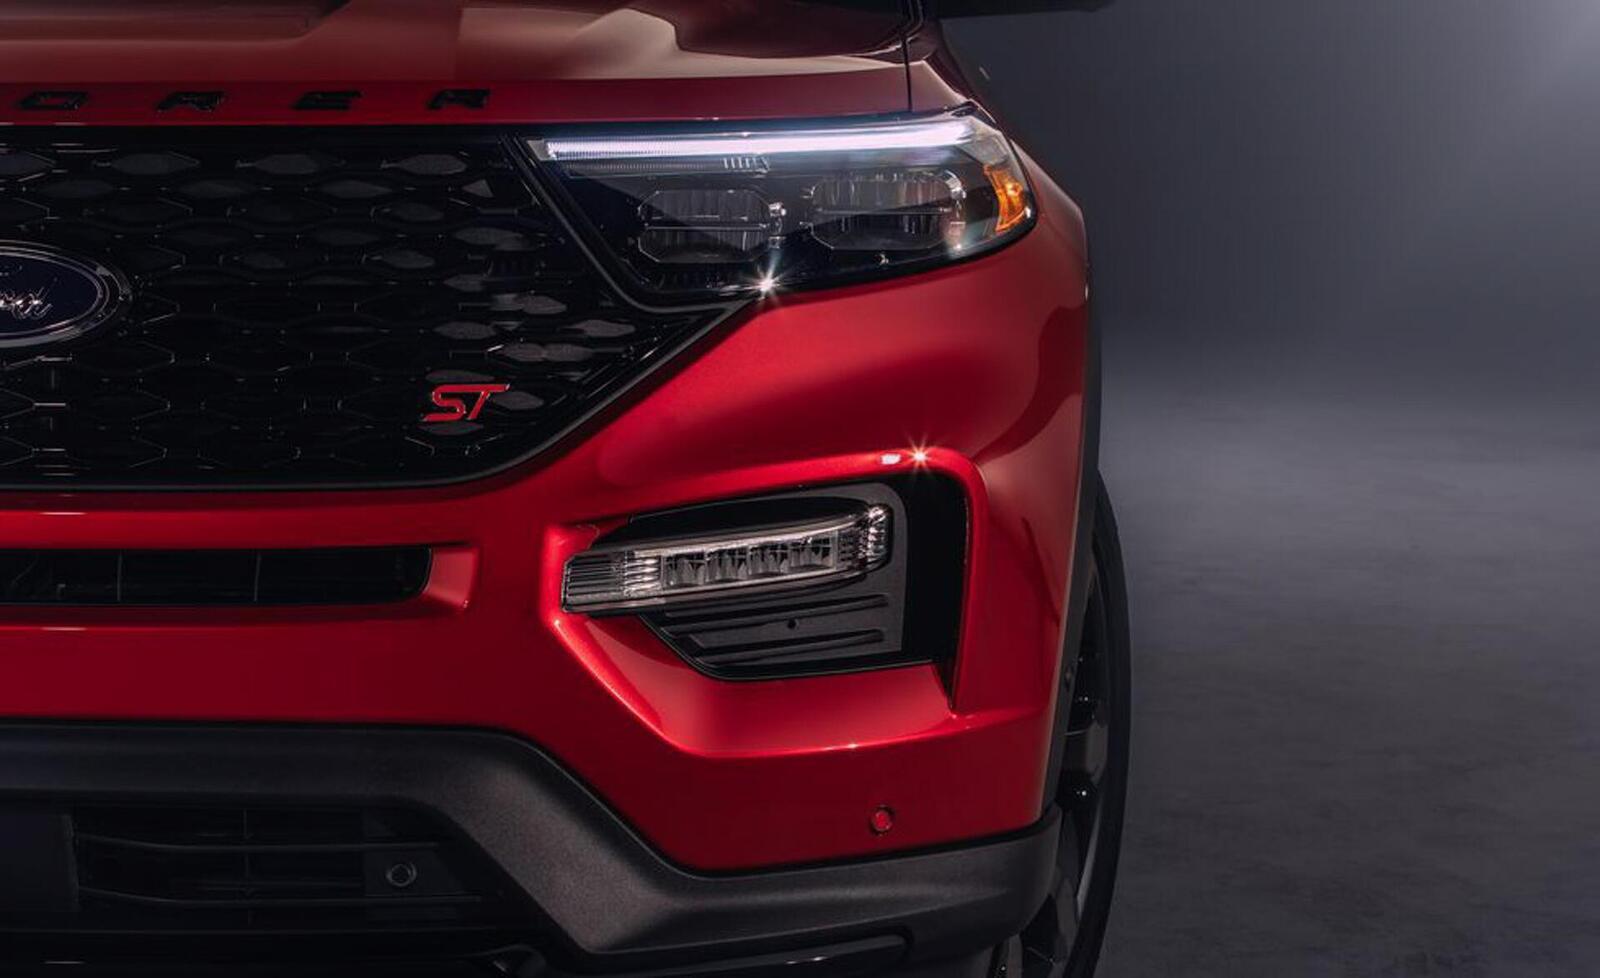 Ford giới thiệu Explorer ST 2020: Phiên bản mạnh nhất lắp máy V6 3.0L tăng áp 400 mã lực - Hình 16